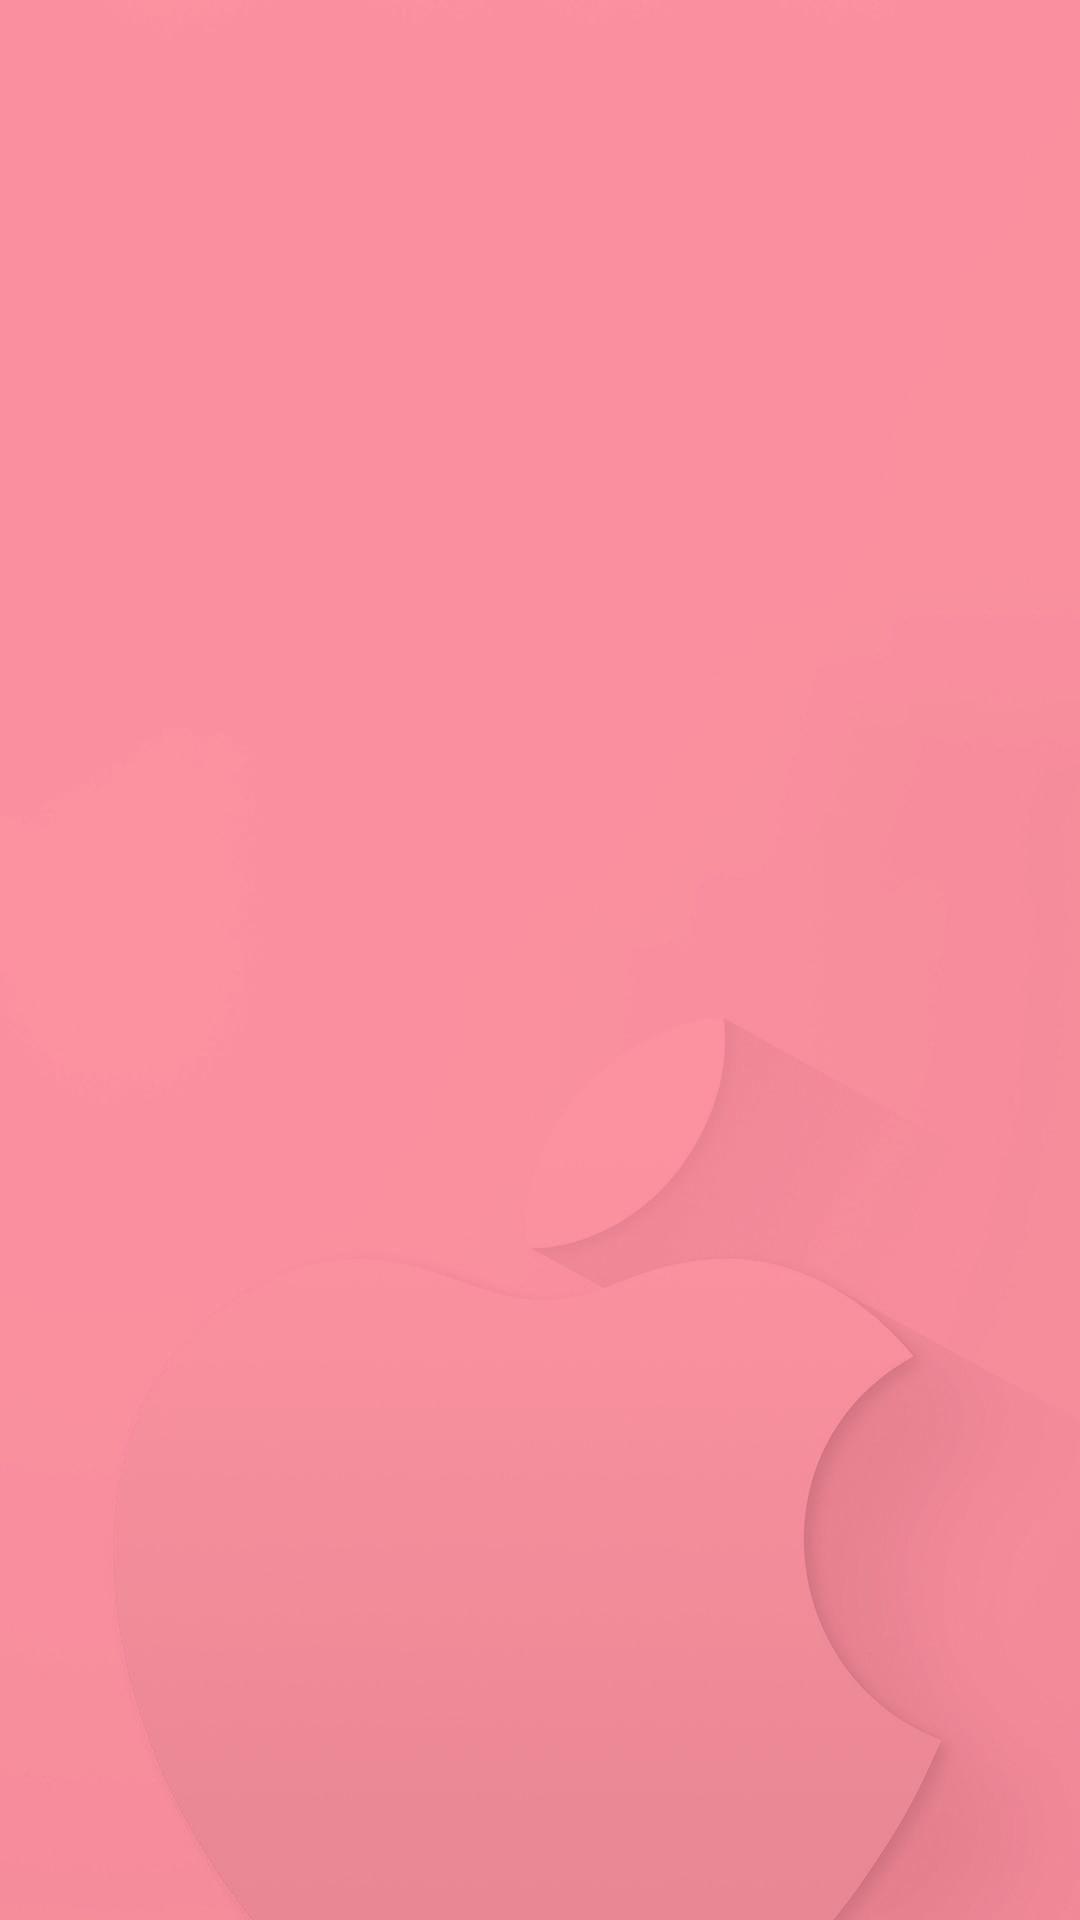 オシャレ系ピンクのiphone壁紙 ピンク 壁紙 Iphone Iphone壁紙